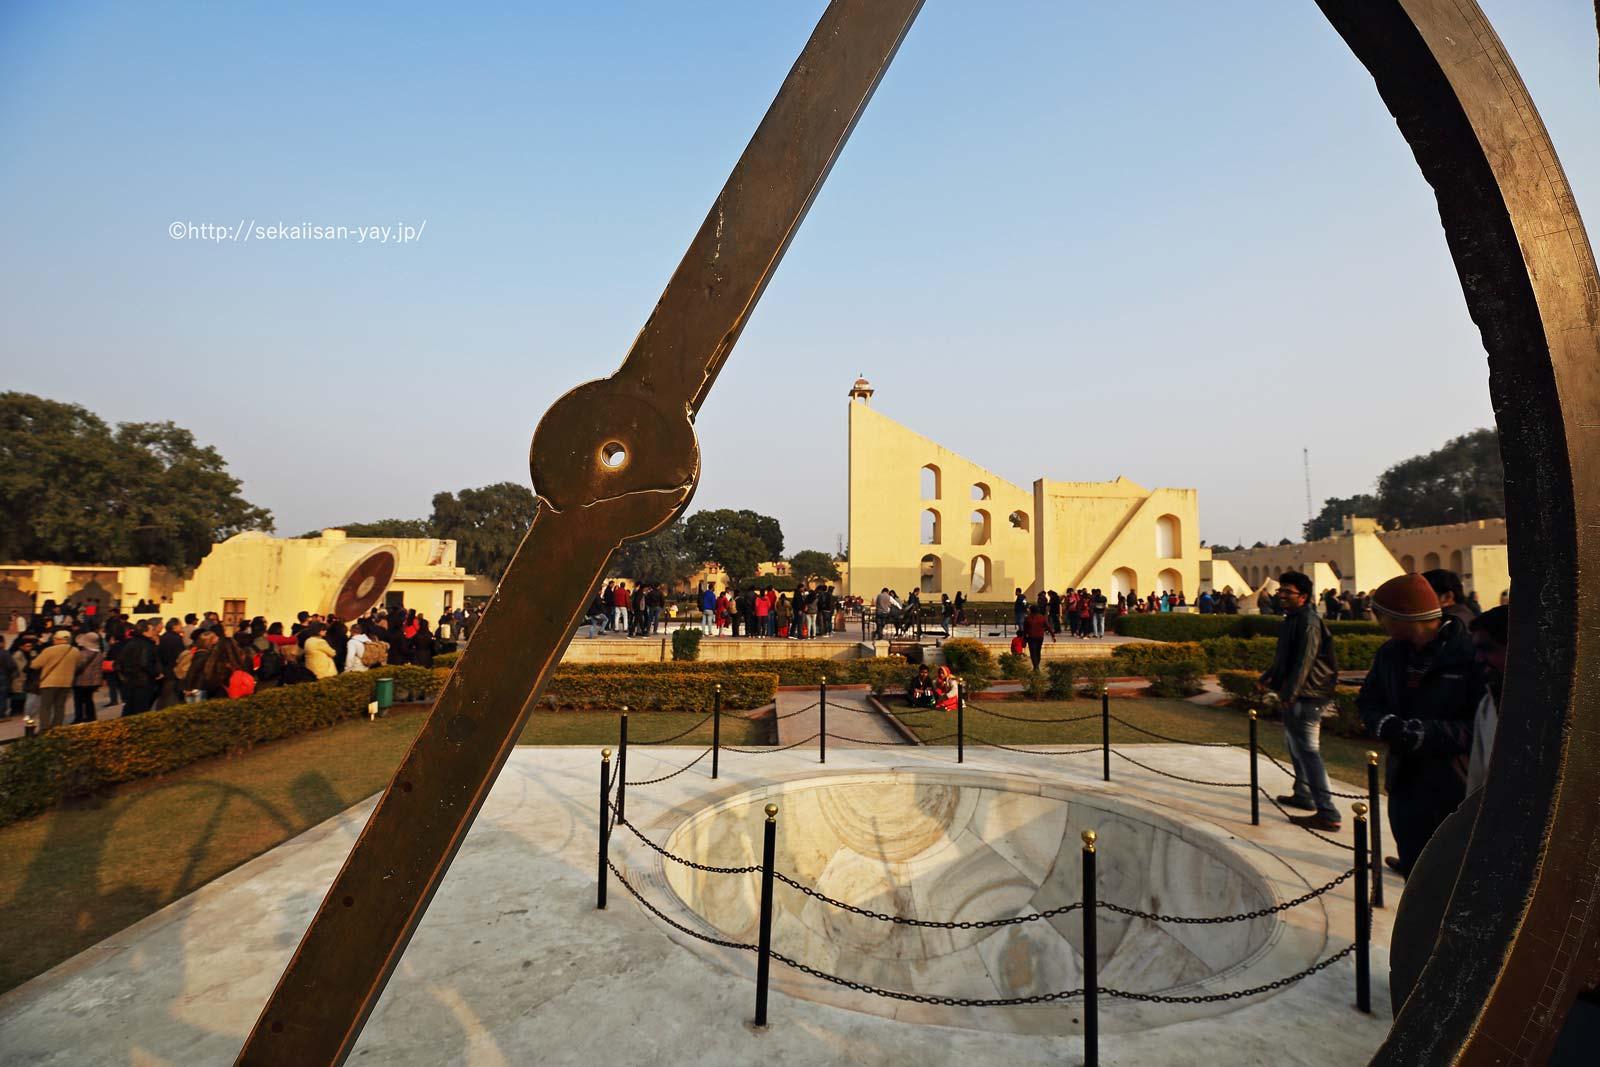 ジャイプールにあるジャンタール・マンタール-チャクラ・ヤントラ